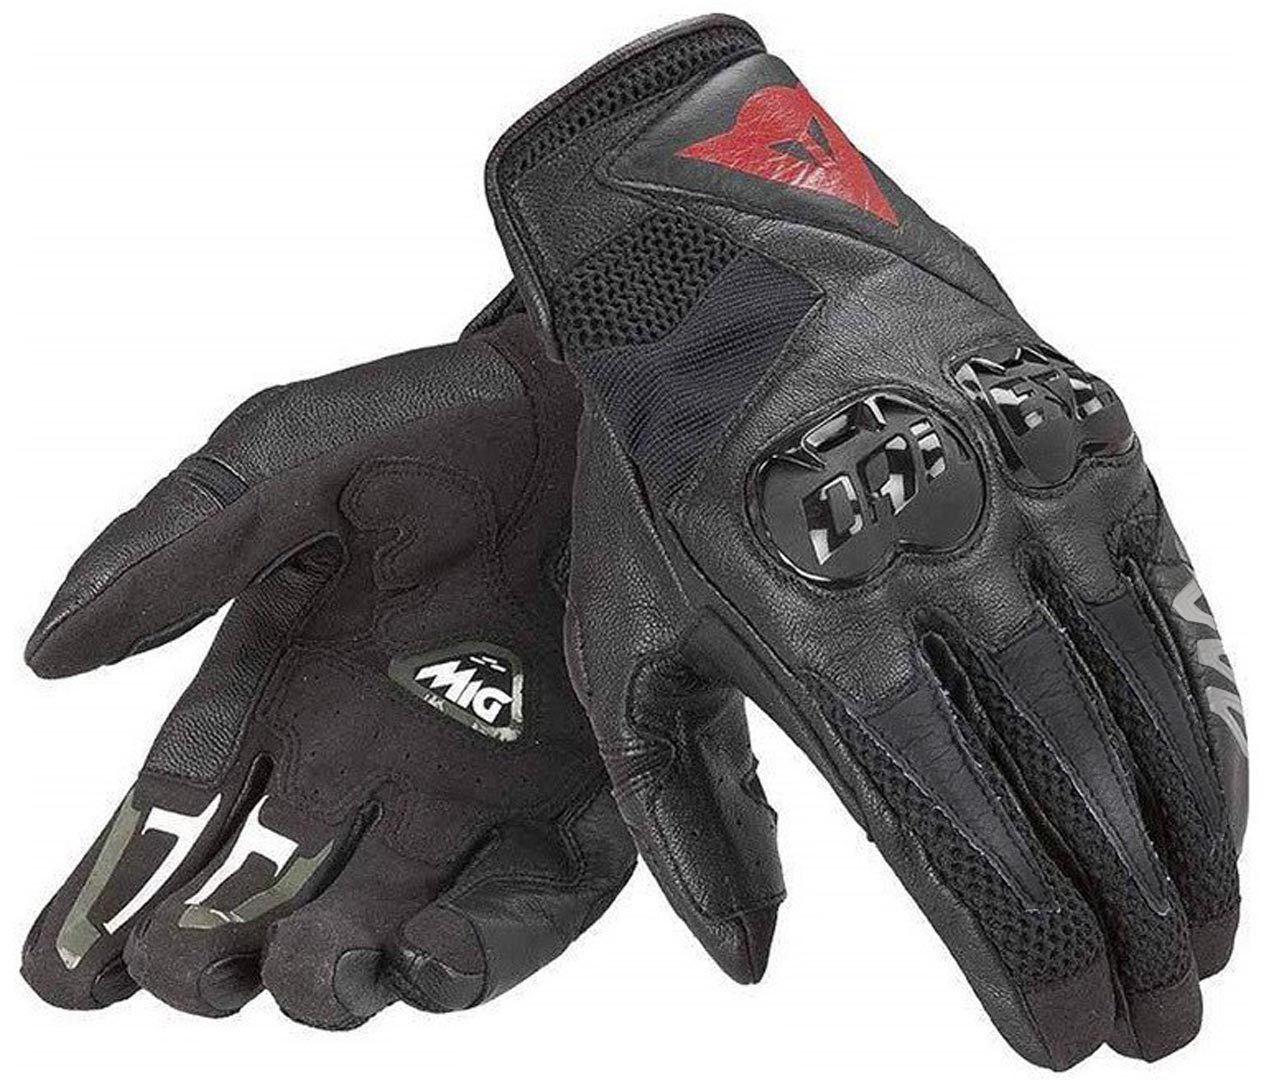 Dainese Mig C2 Motorradhandschuhe, schwarz, Größe L, schwarz, Größe L